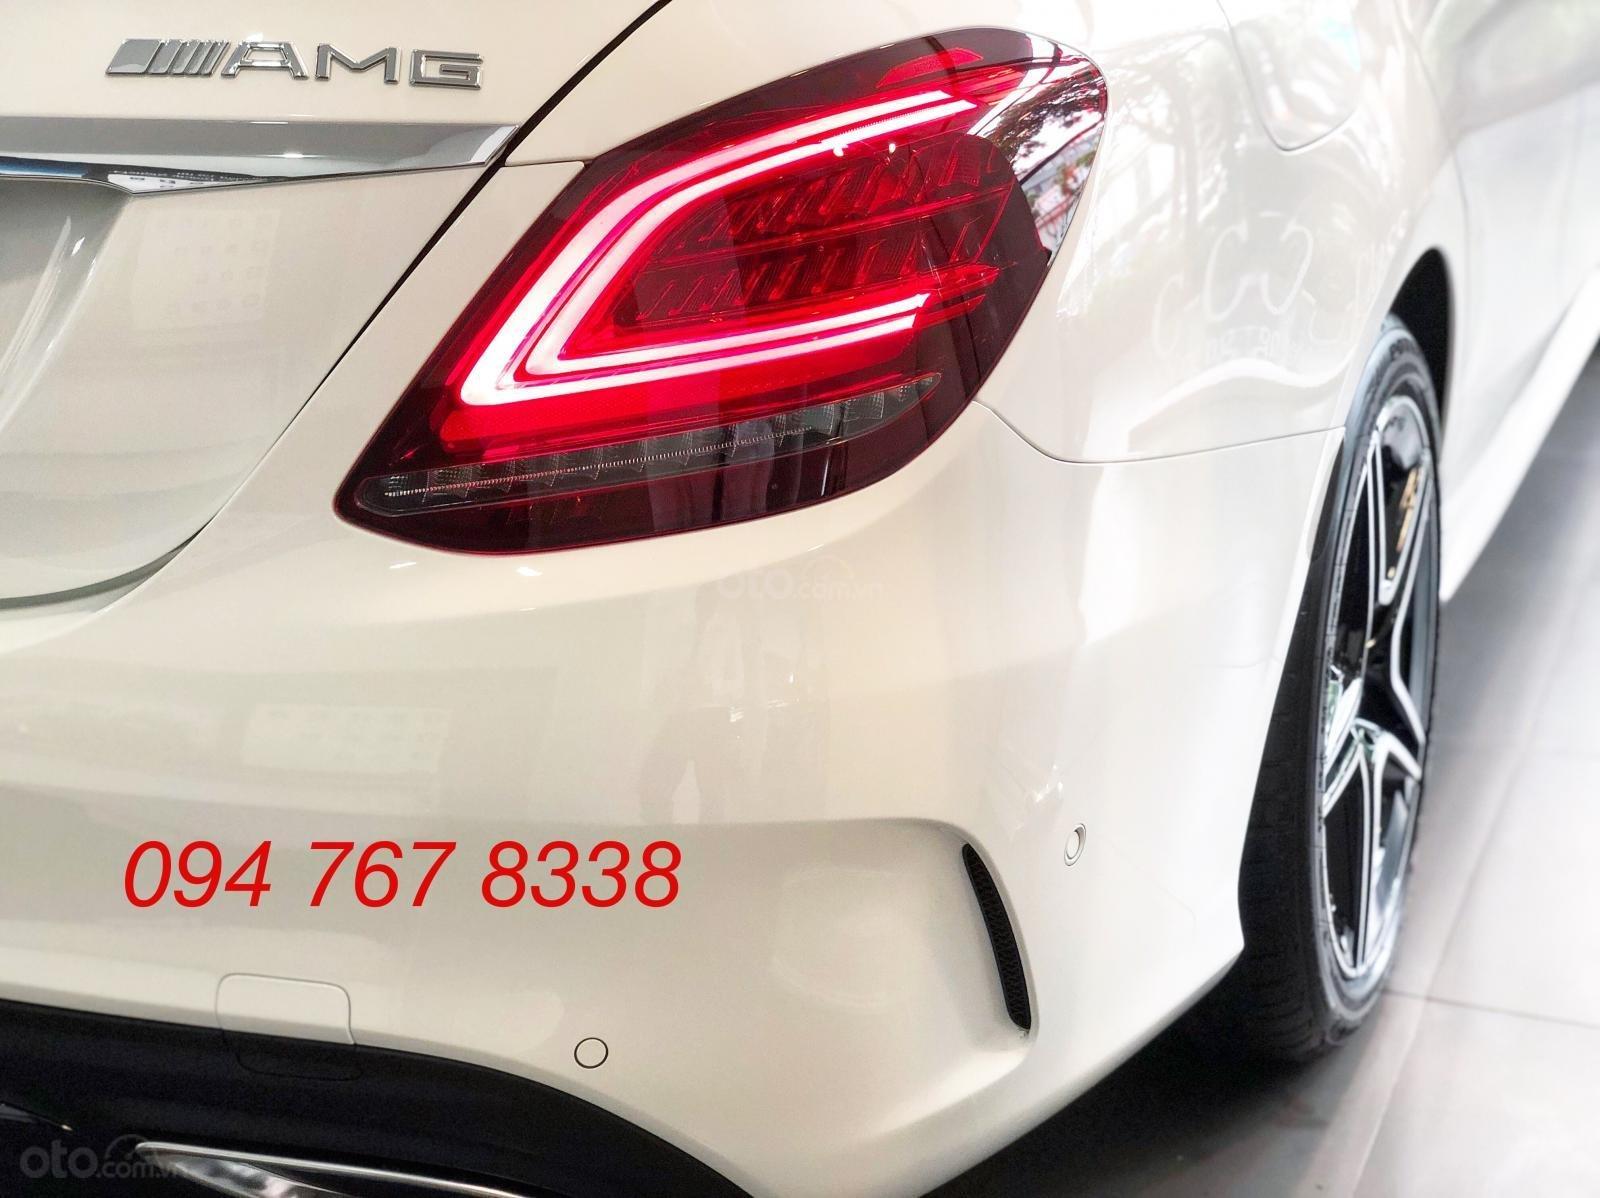 Bán Mercedes C300 AMG 2019. Giao ngay giá ưu đãi lớn nhất, mua xe chỉ với 399tr (7)